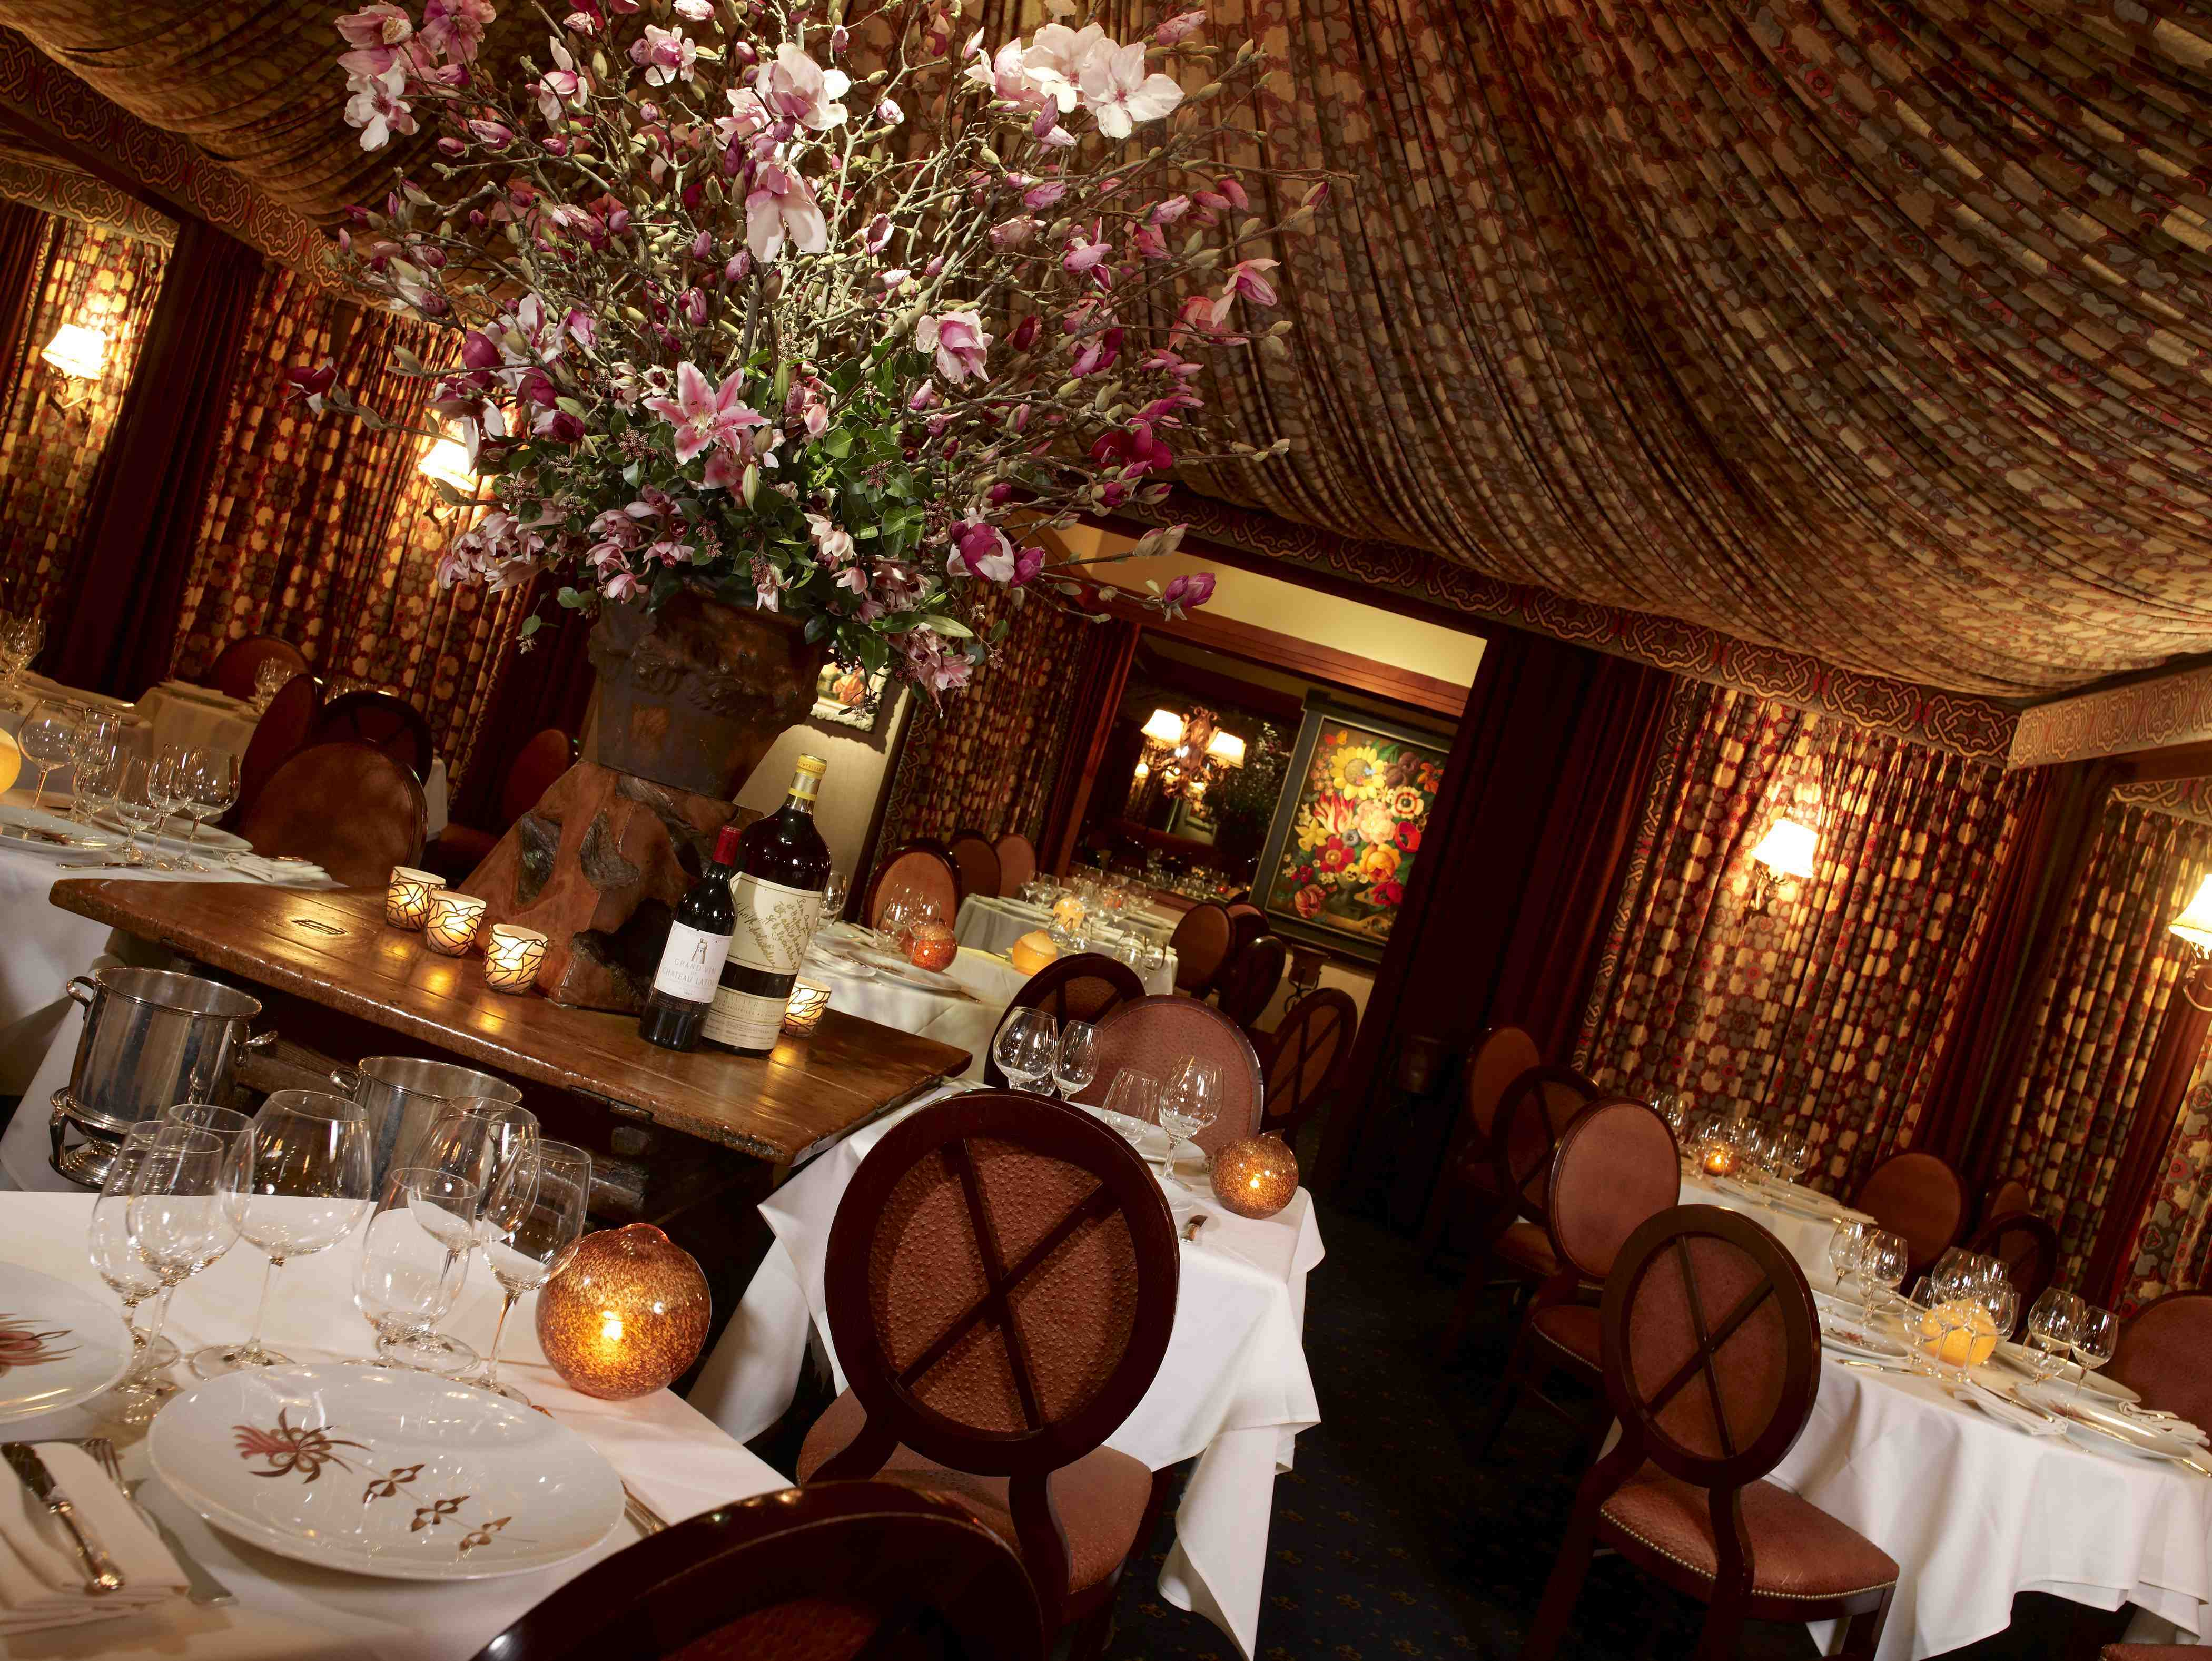 Romantic ambiance inside Fleur de Lys